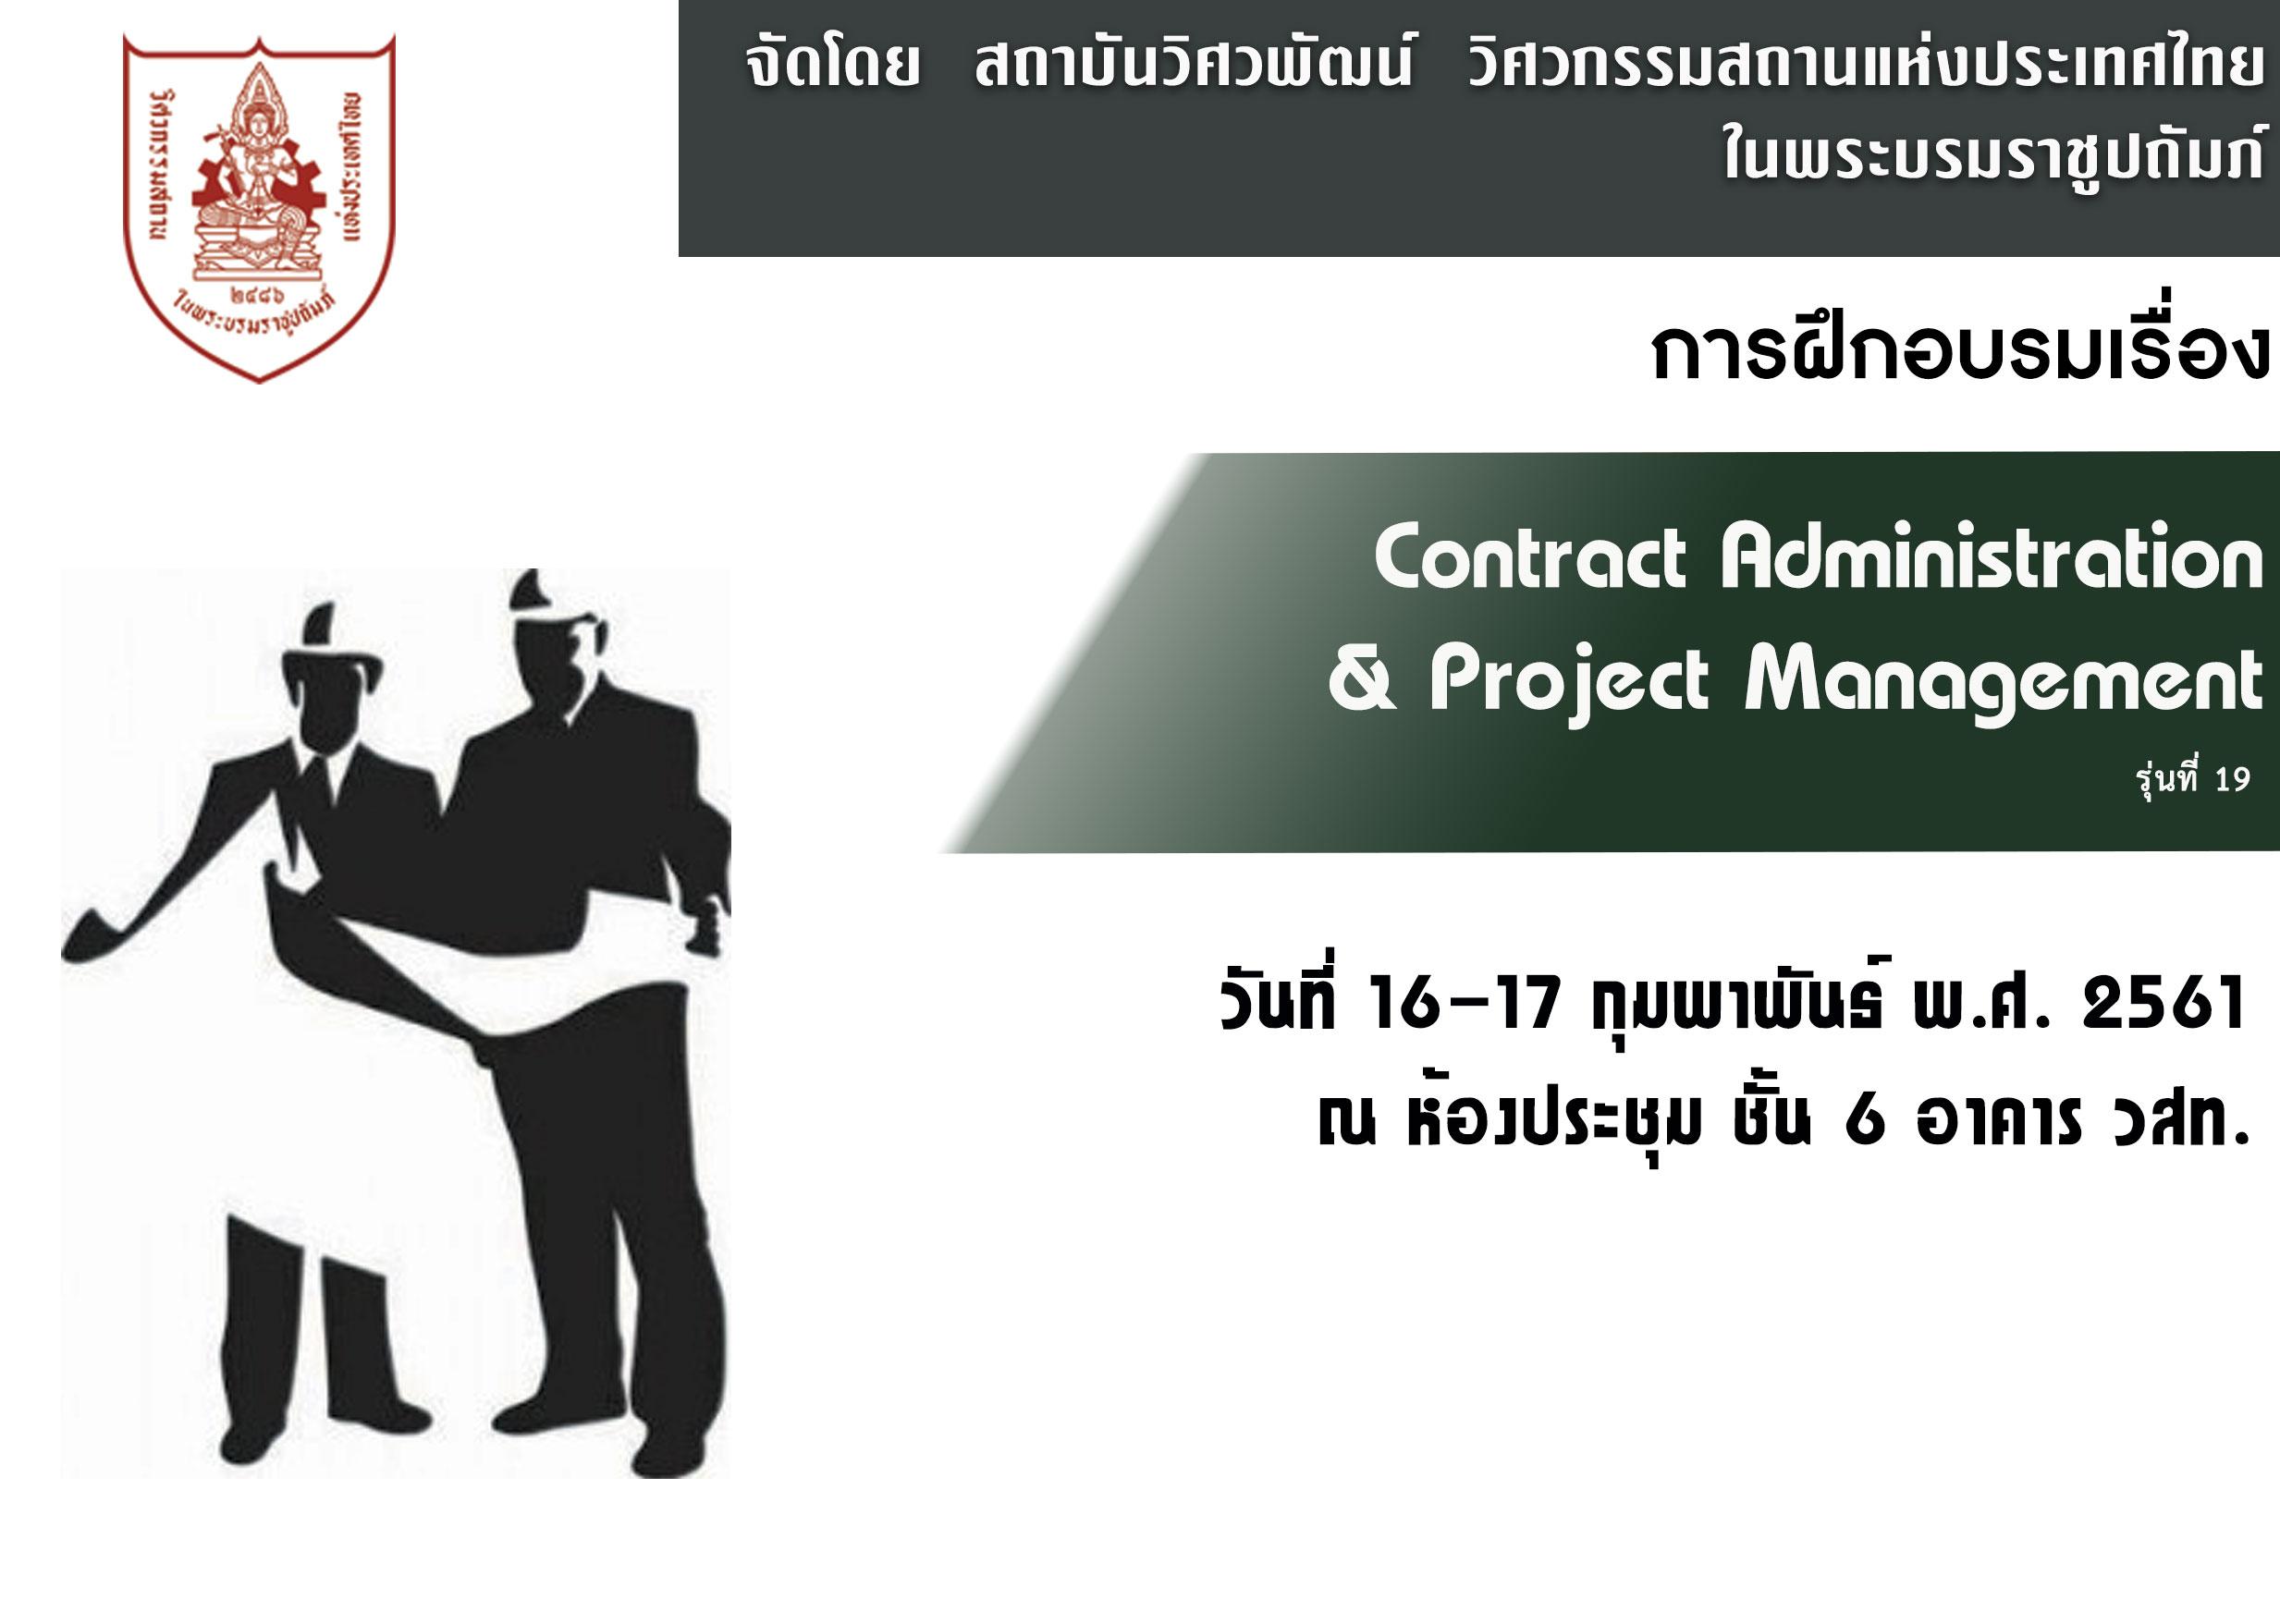 การฝึกอบรมเรื่อง Contract Administration & Project Management รุ่นที่ 19